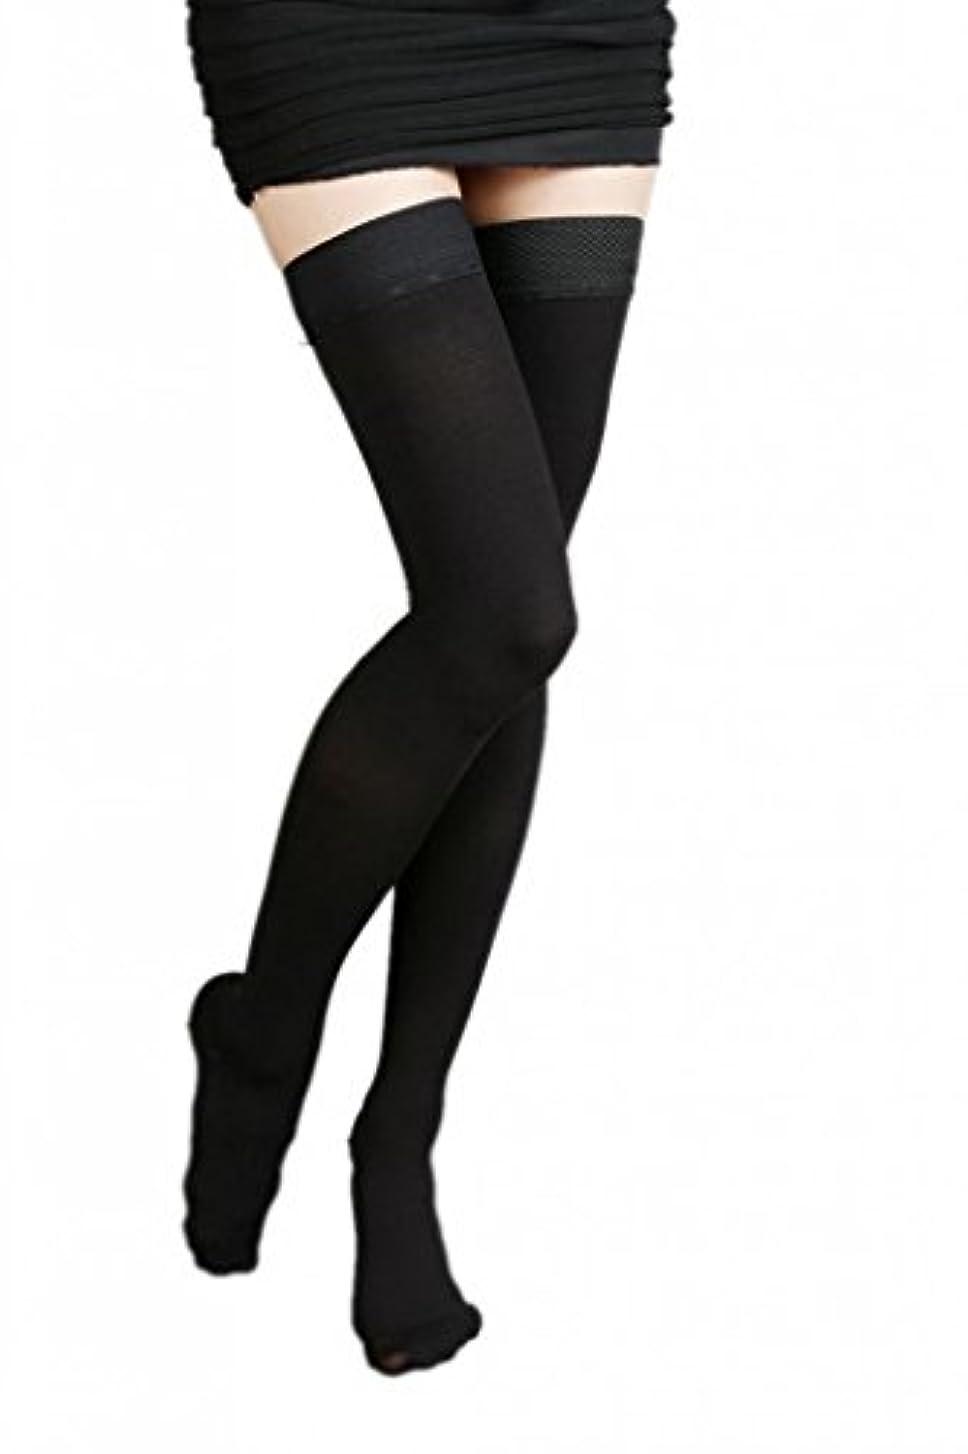 教育者艶メールを書く(ラボーグ)La Vogue 美脚 着圧オーバーニーソックス ハイソックス 靴下 弾性ストッキング つま先あり着圧ソックス M 1級低圧 黒色